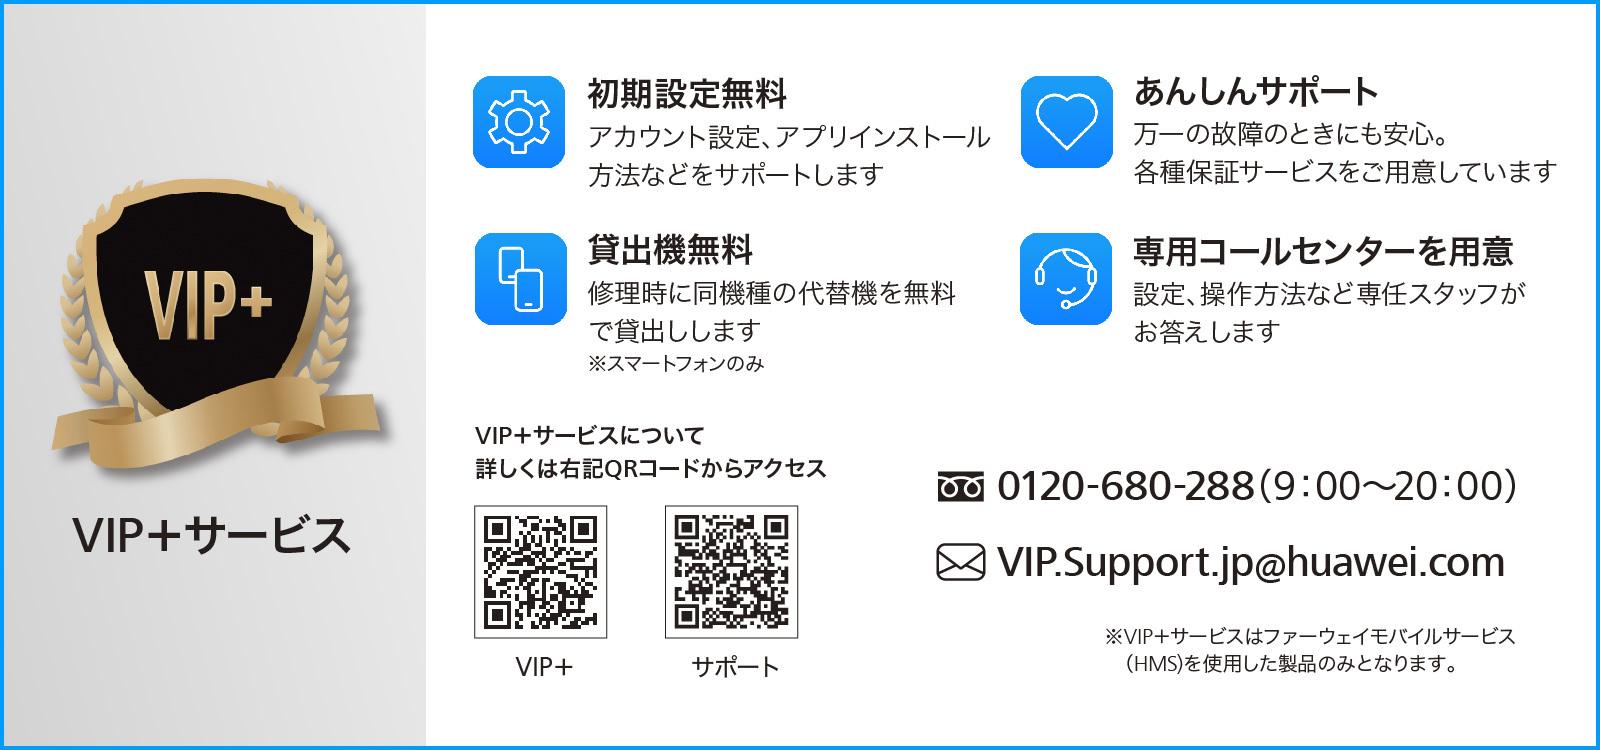 VIP+サービス